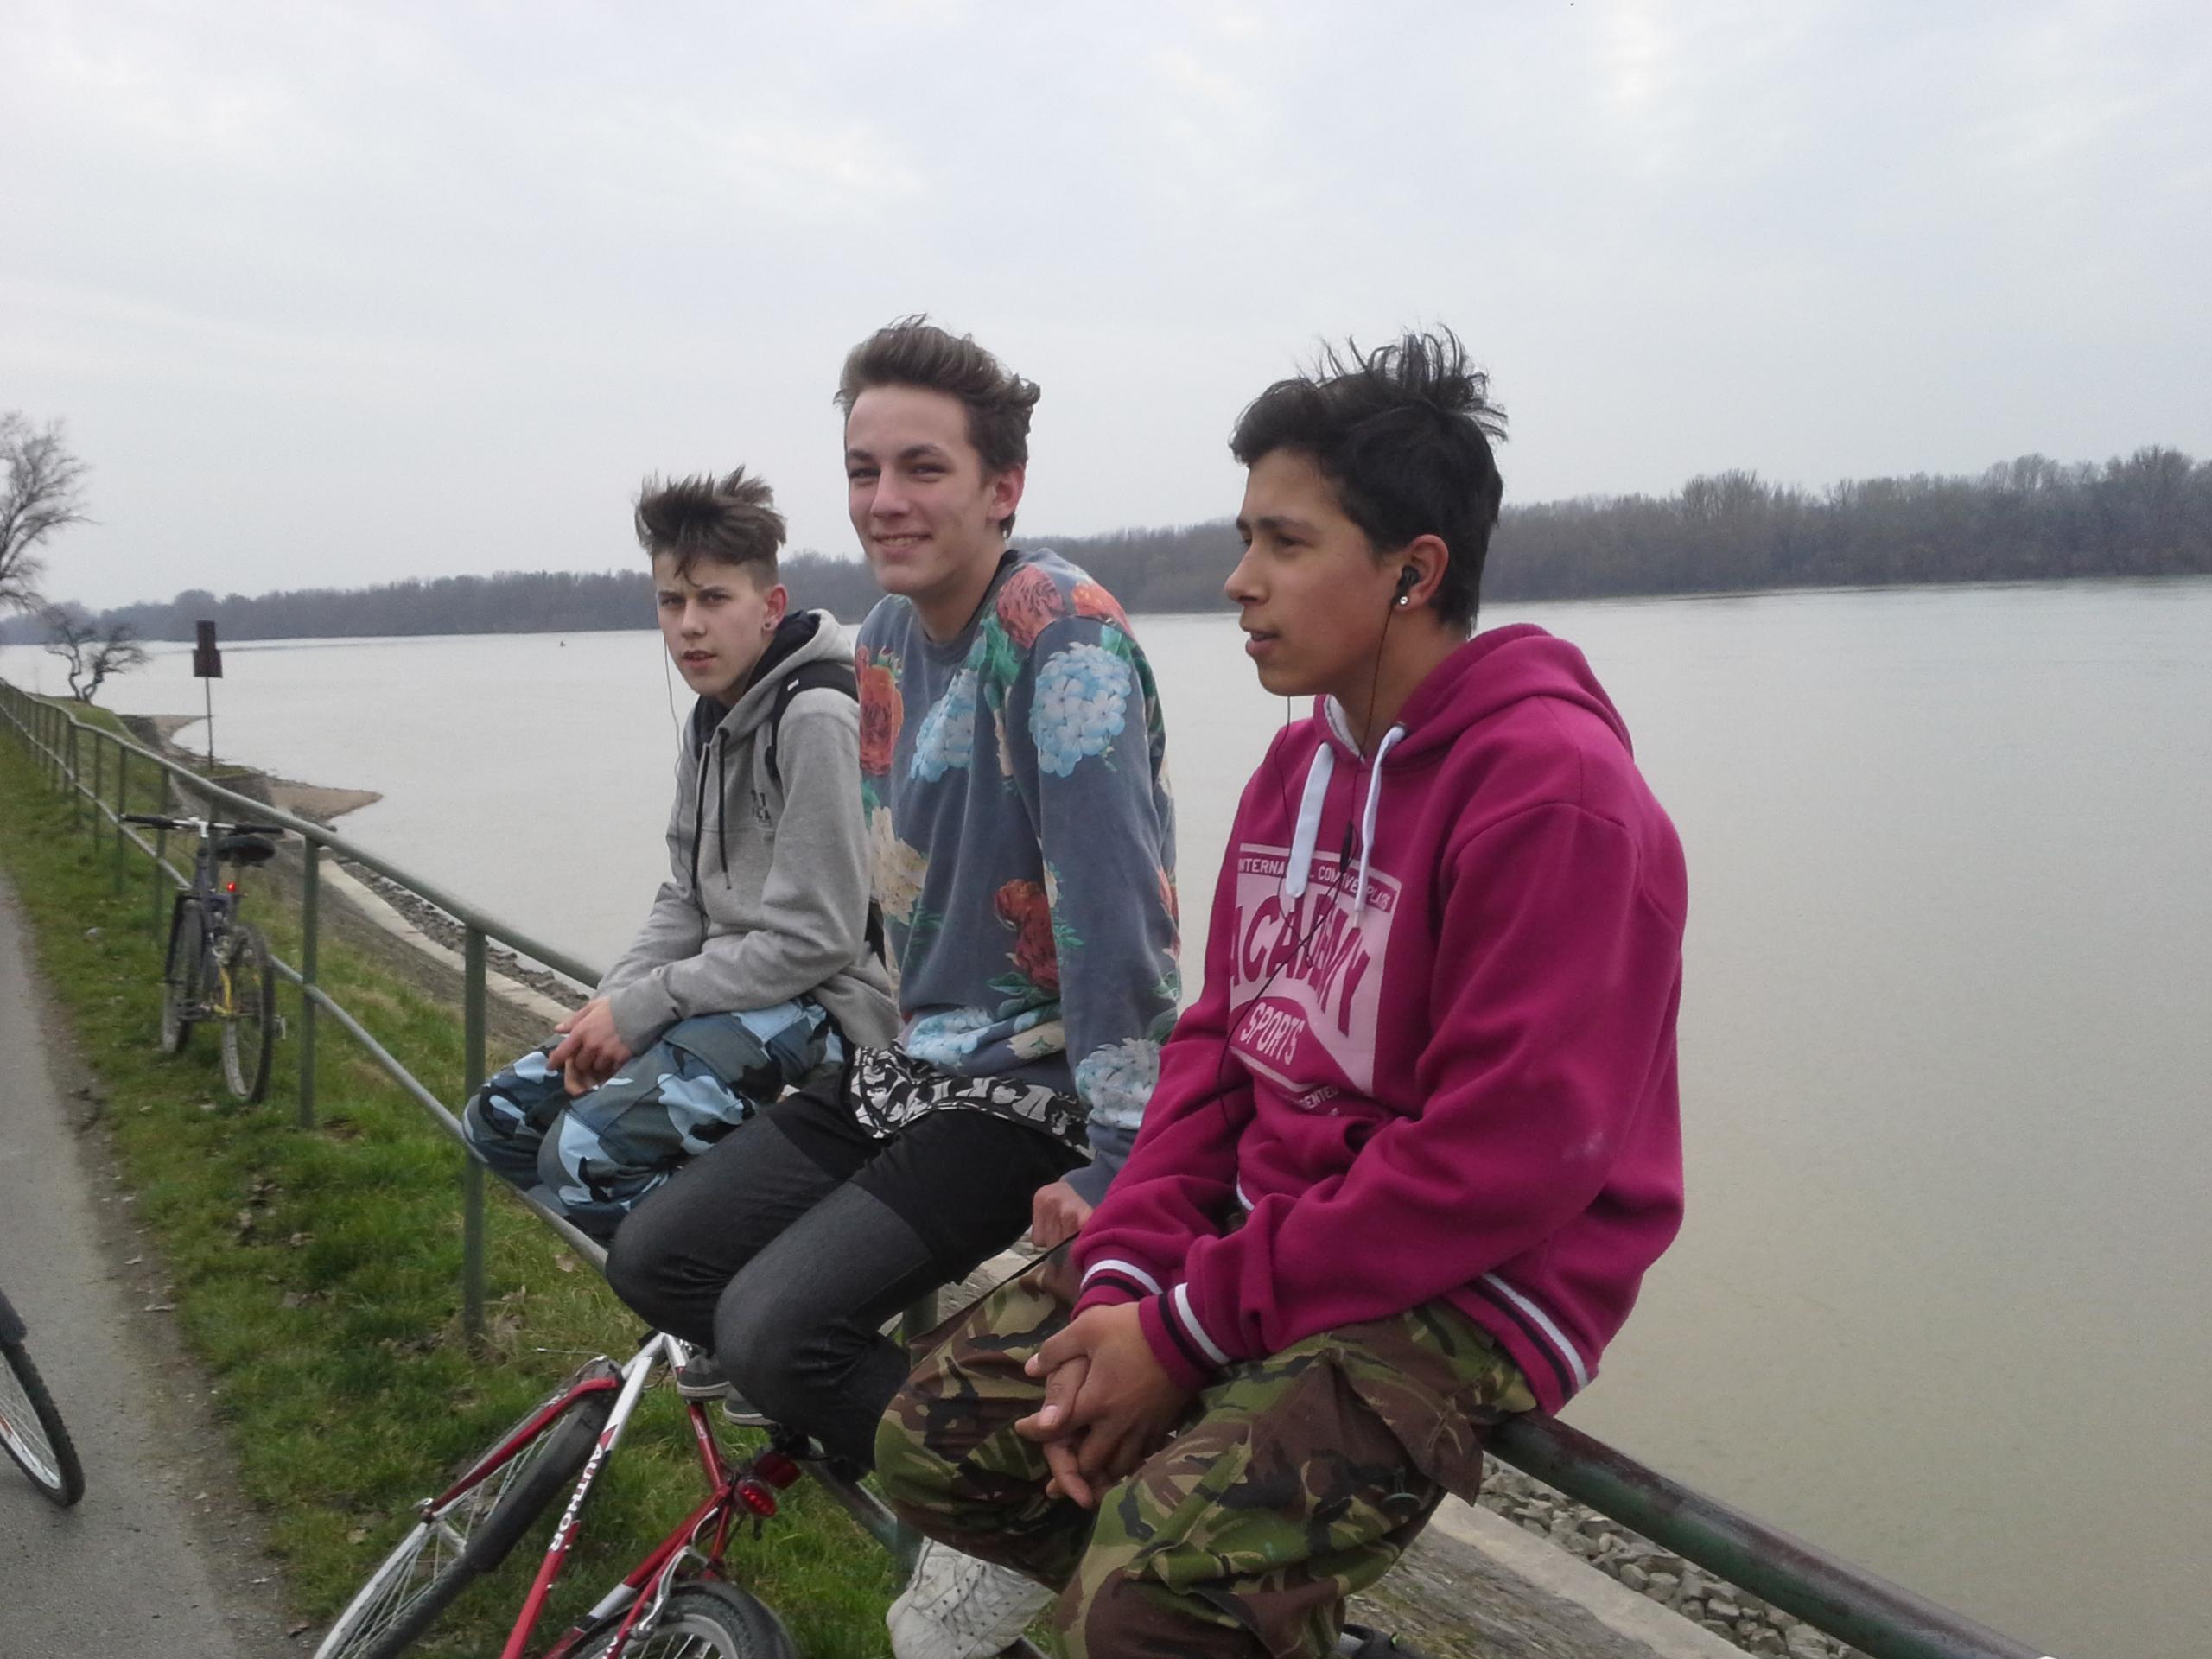 koll_bicikli_1